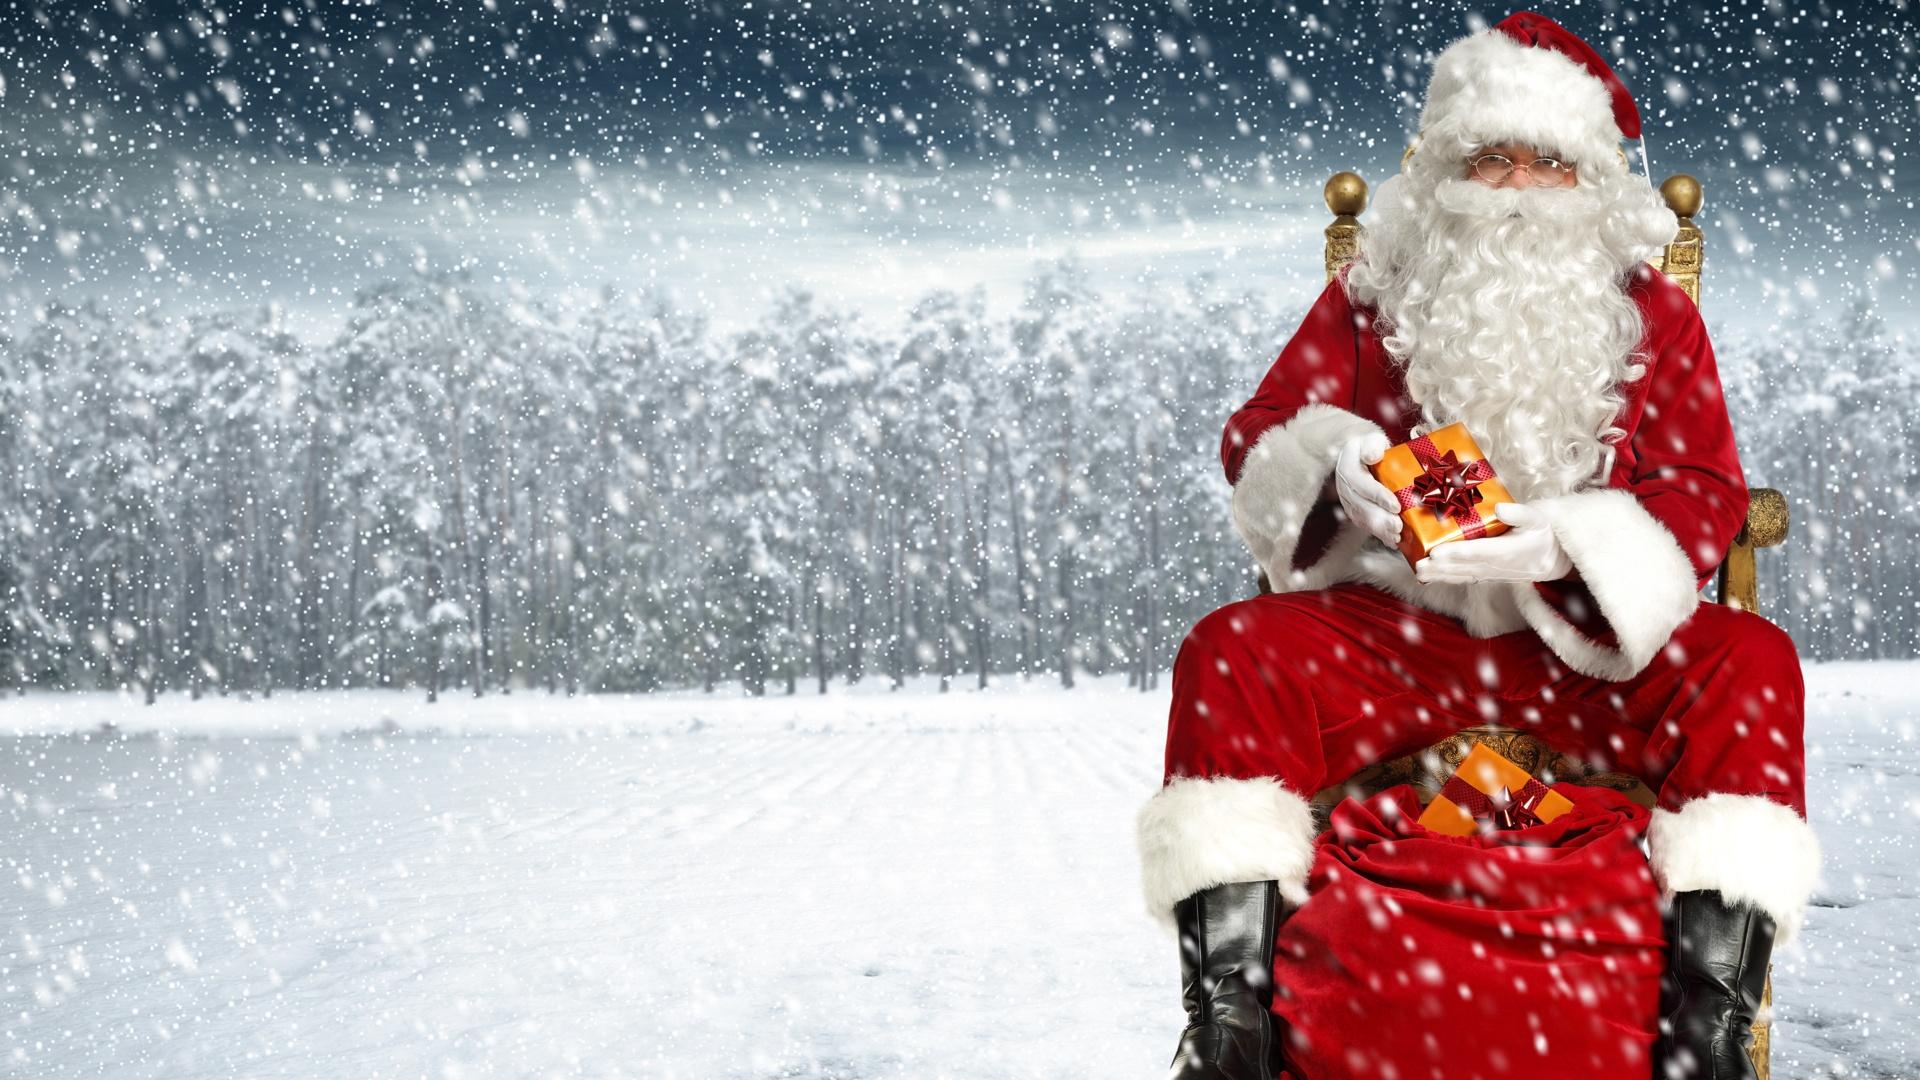 Hình ảnh ông già tuyết Noel